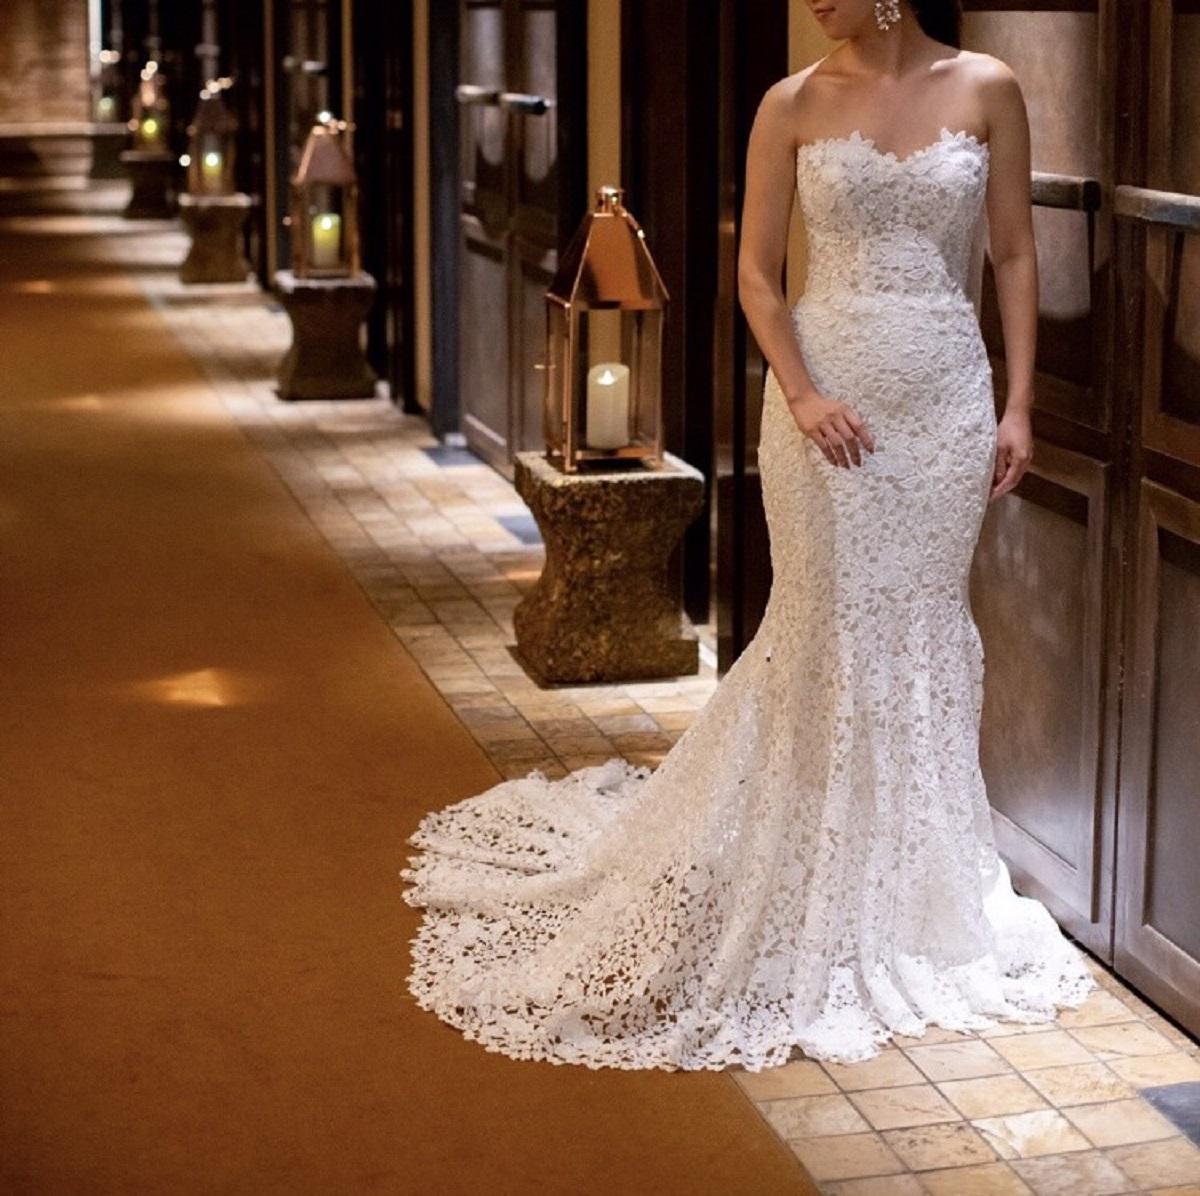 マーメイドラインのドレスはザ・ルイガンズでのパーティーにぴったり